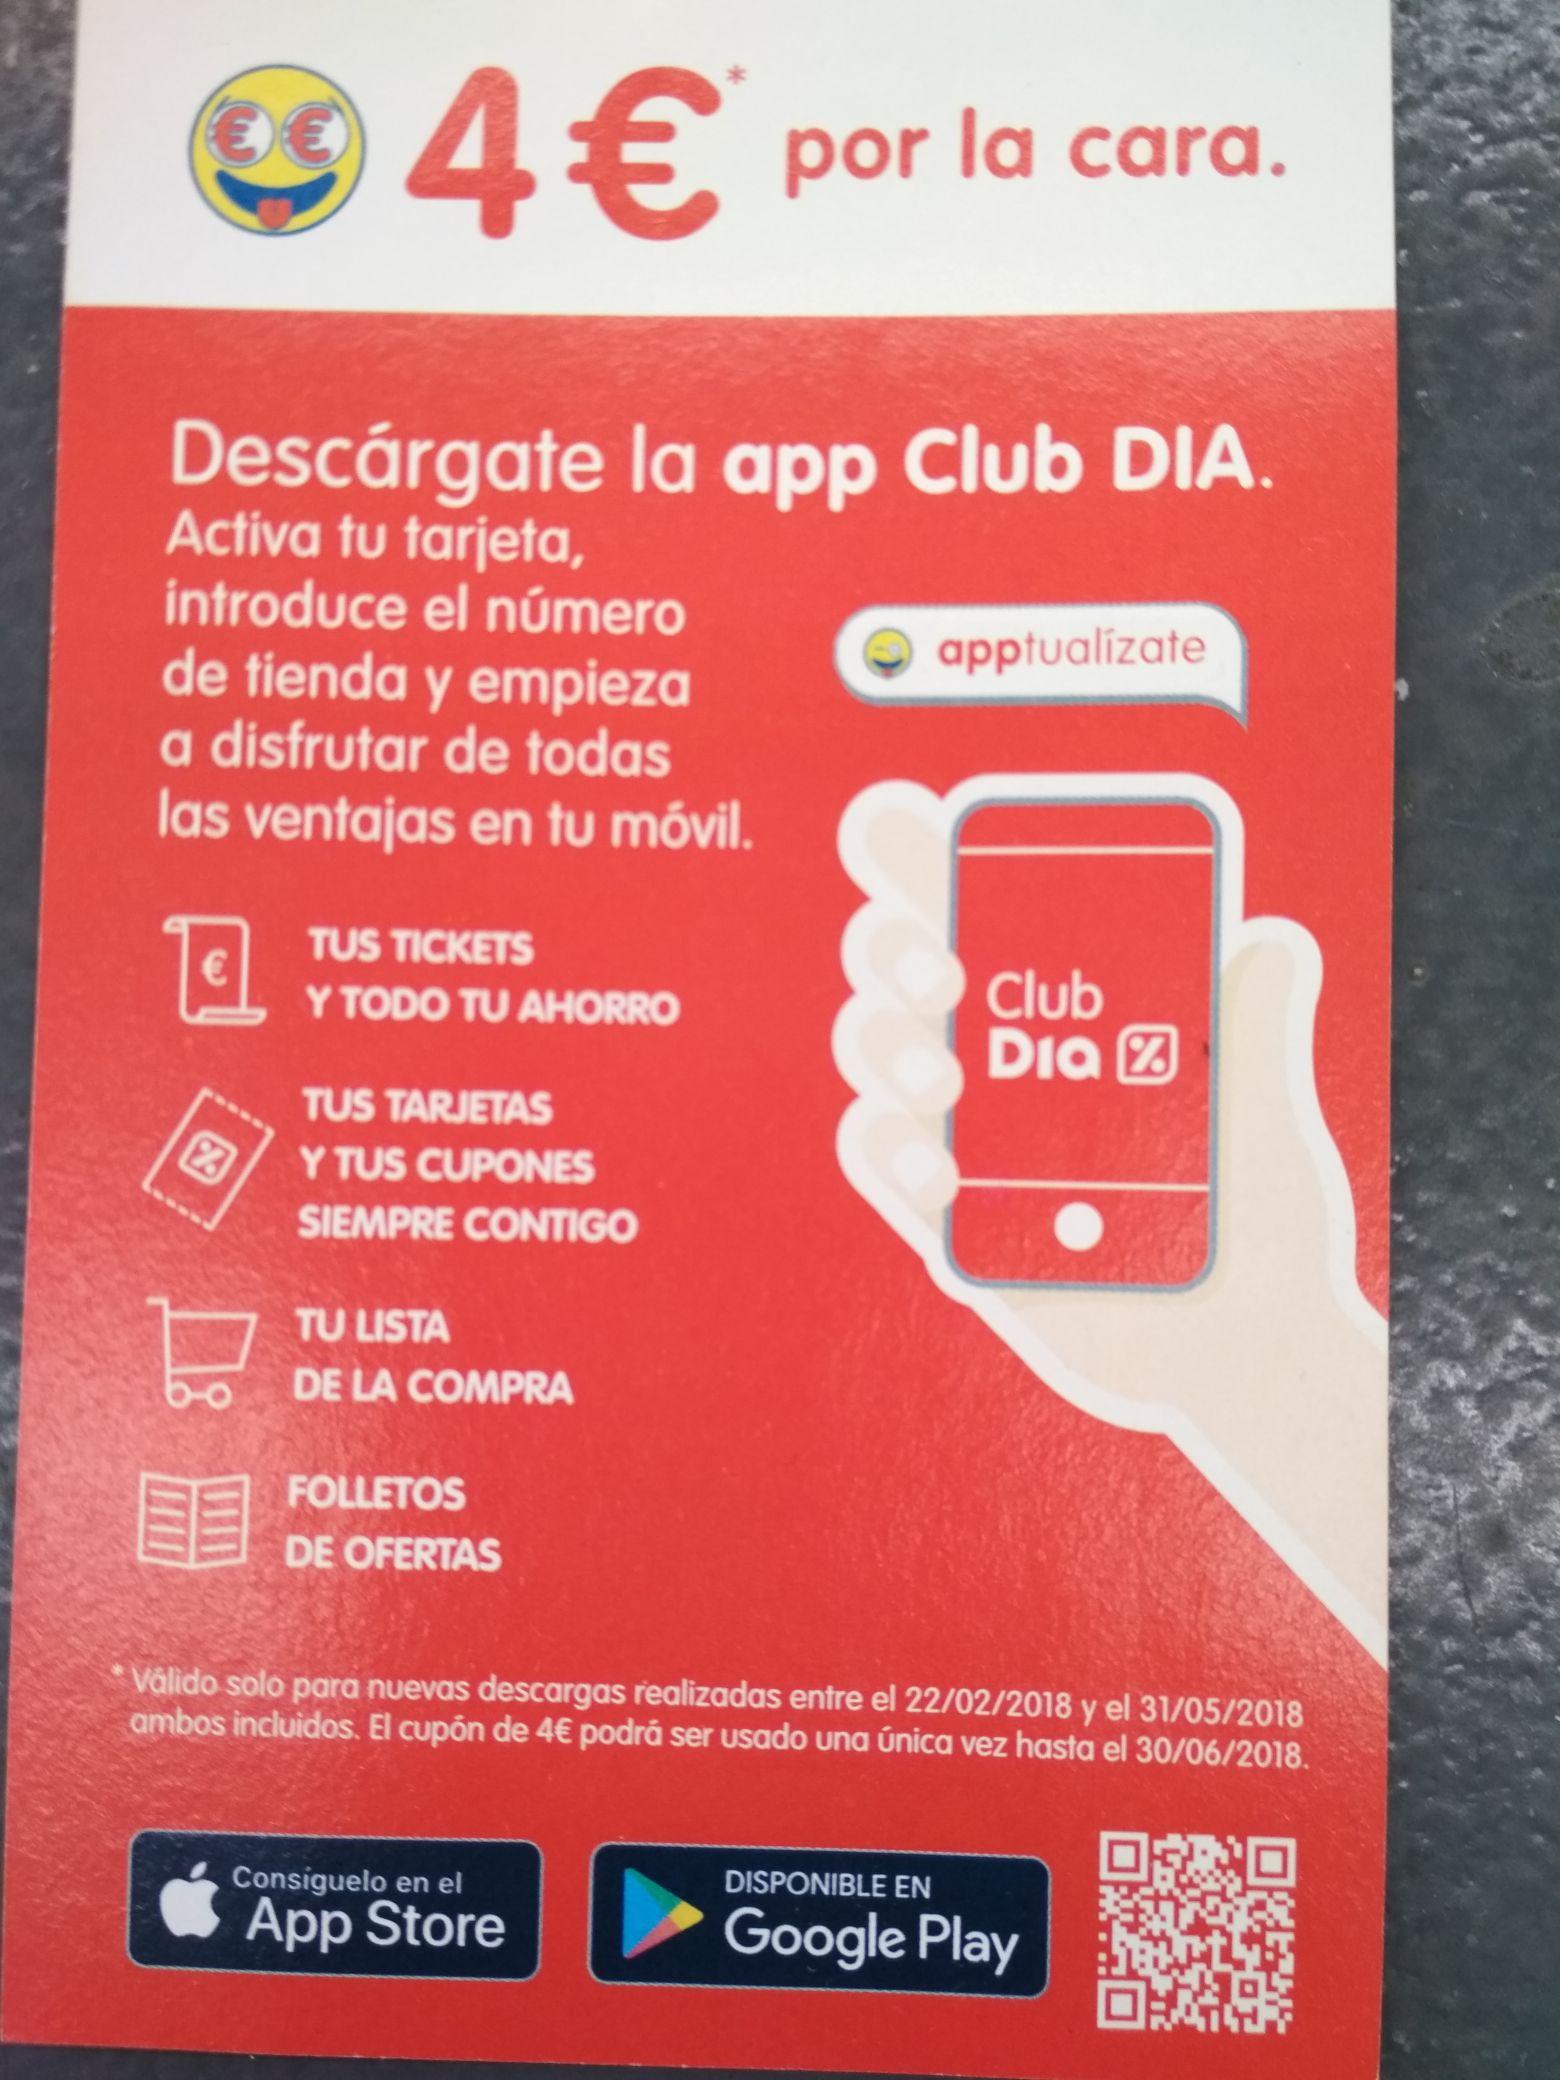 Cupón 4€ al descargar x primera vez la app de Dia